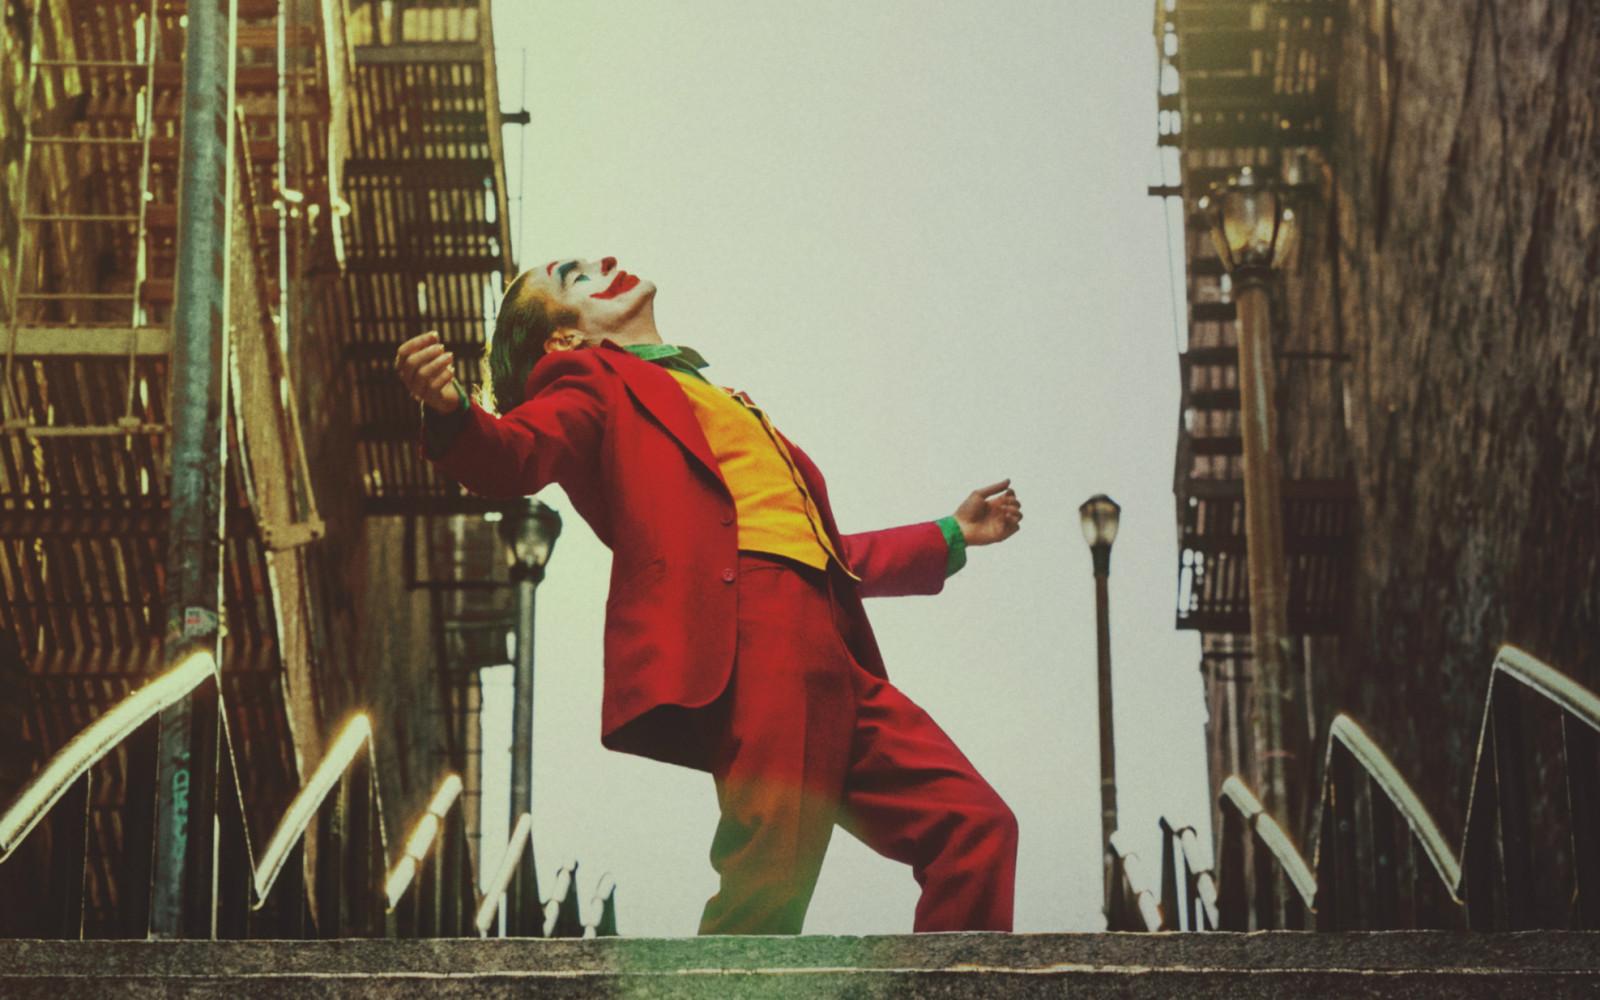 托德·菲利普斯执导、华金·菲尼克斯主演电影《小丑》获得威尼斯电影节最佳影片金狮奖